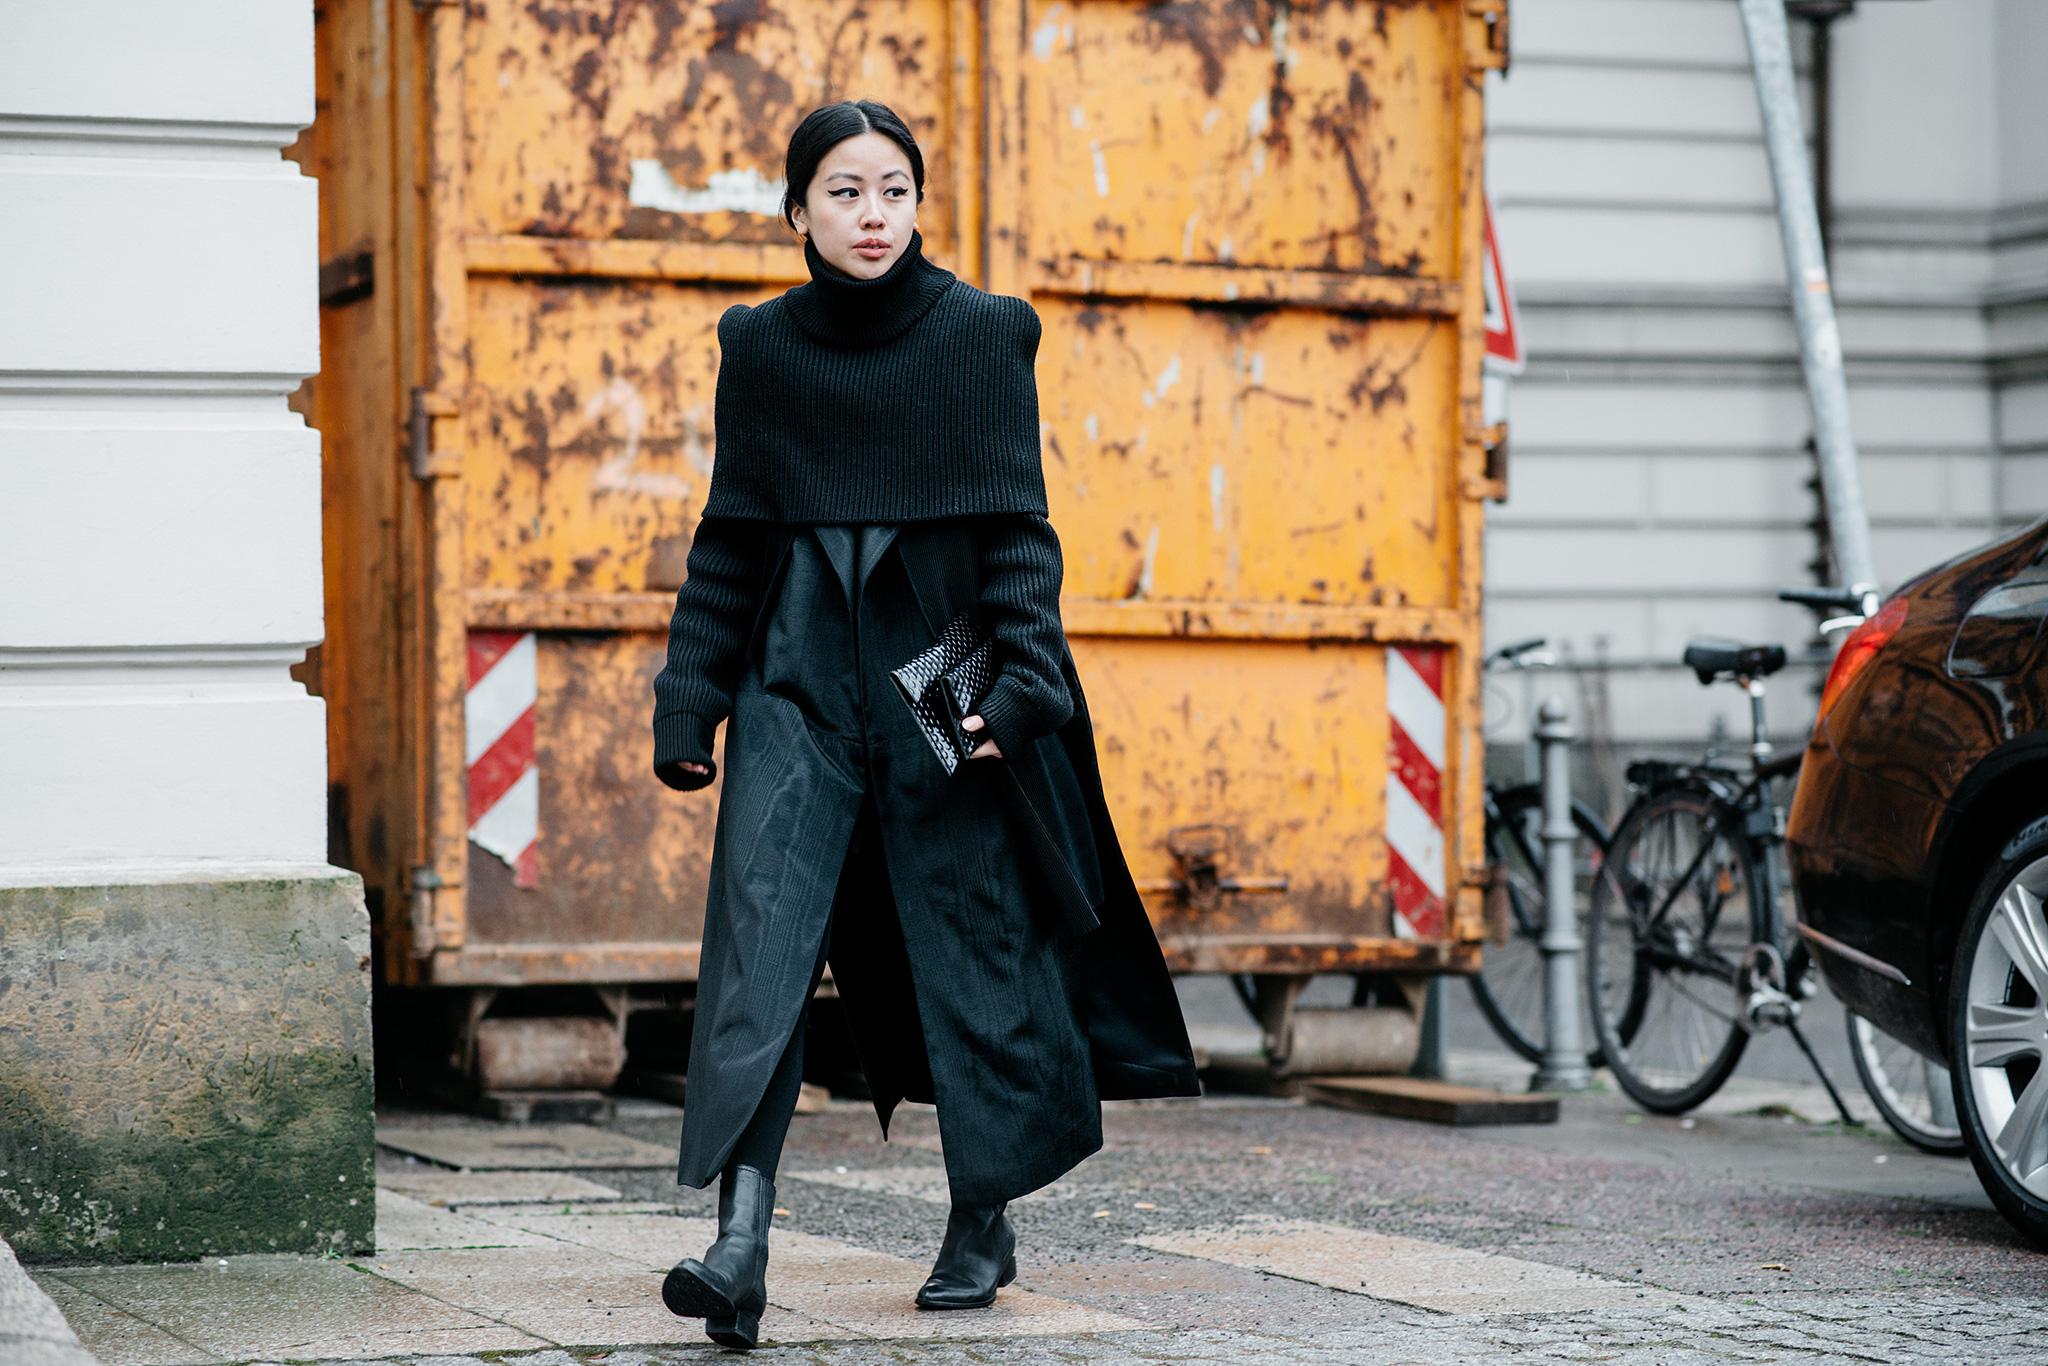 04-berlin-fashion-week-fall-2015-street-style-01.jpg